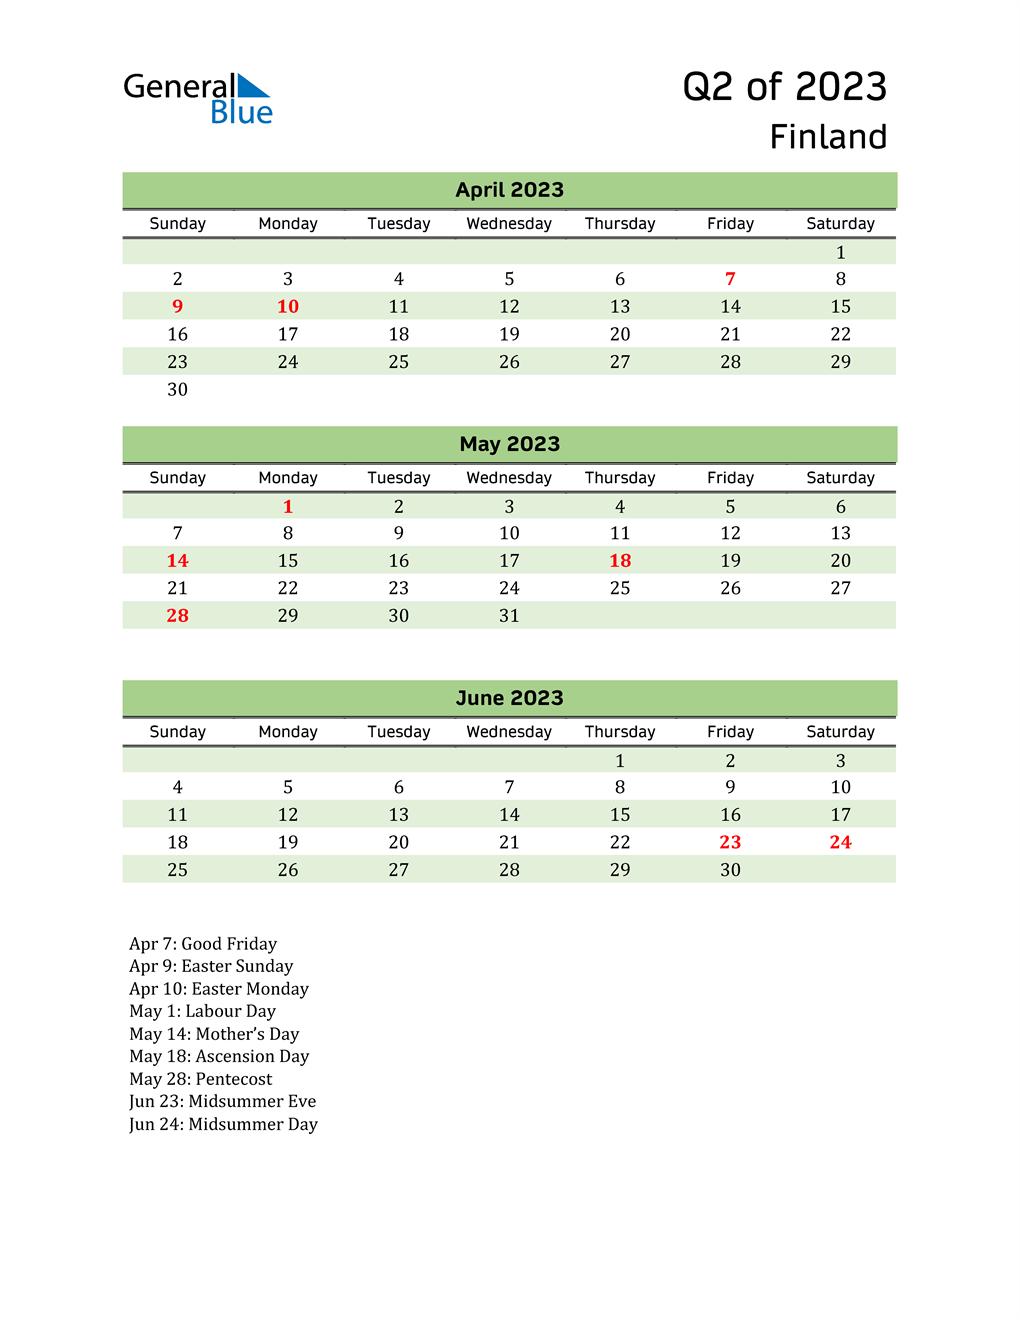 Quarterly Calendar 2023 with Finland Holidays